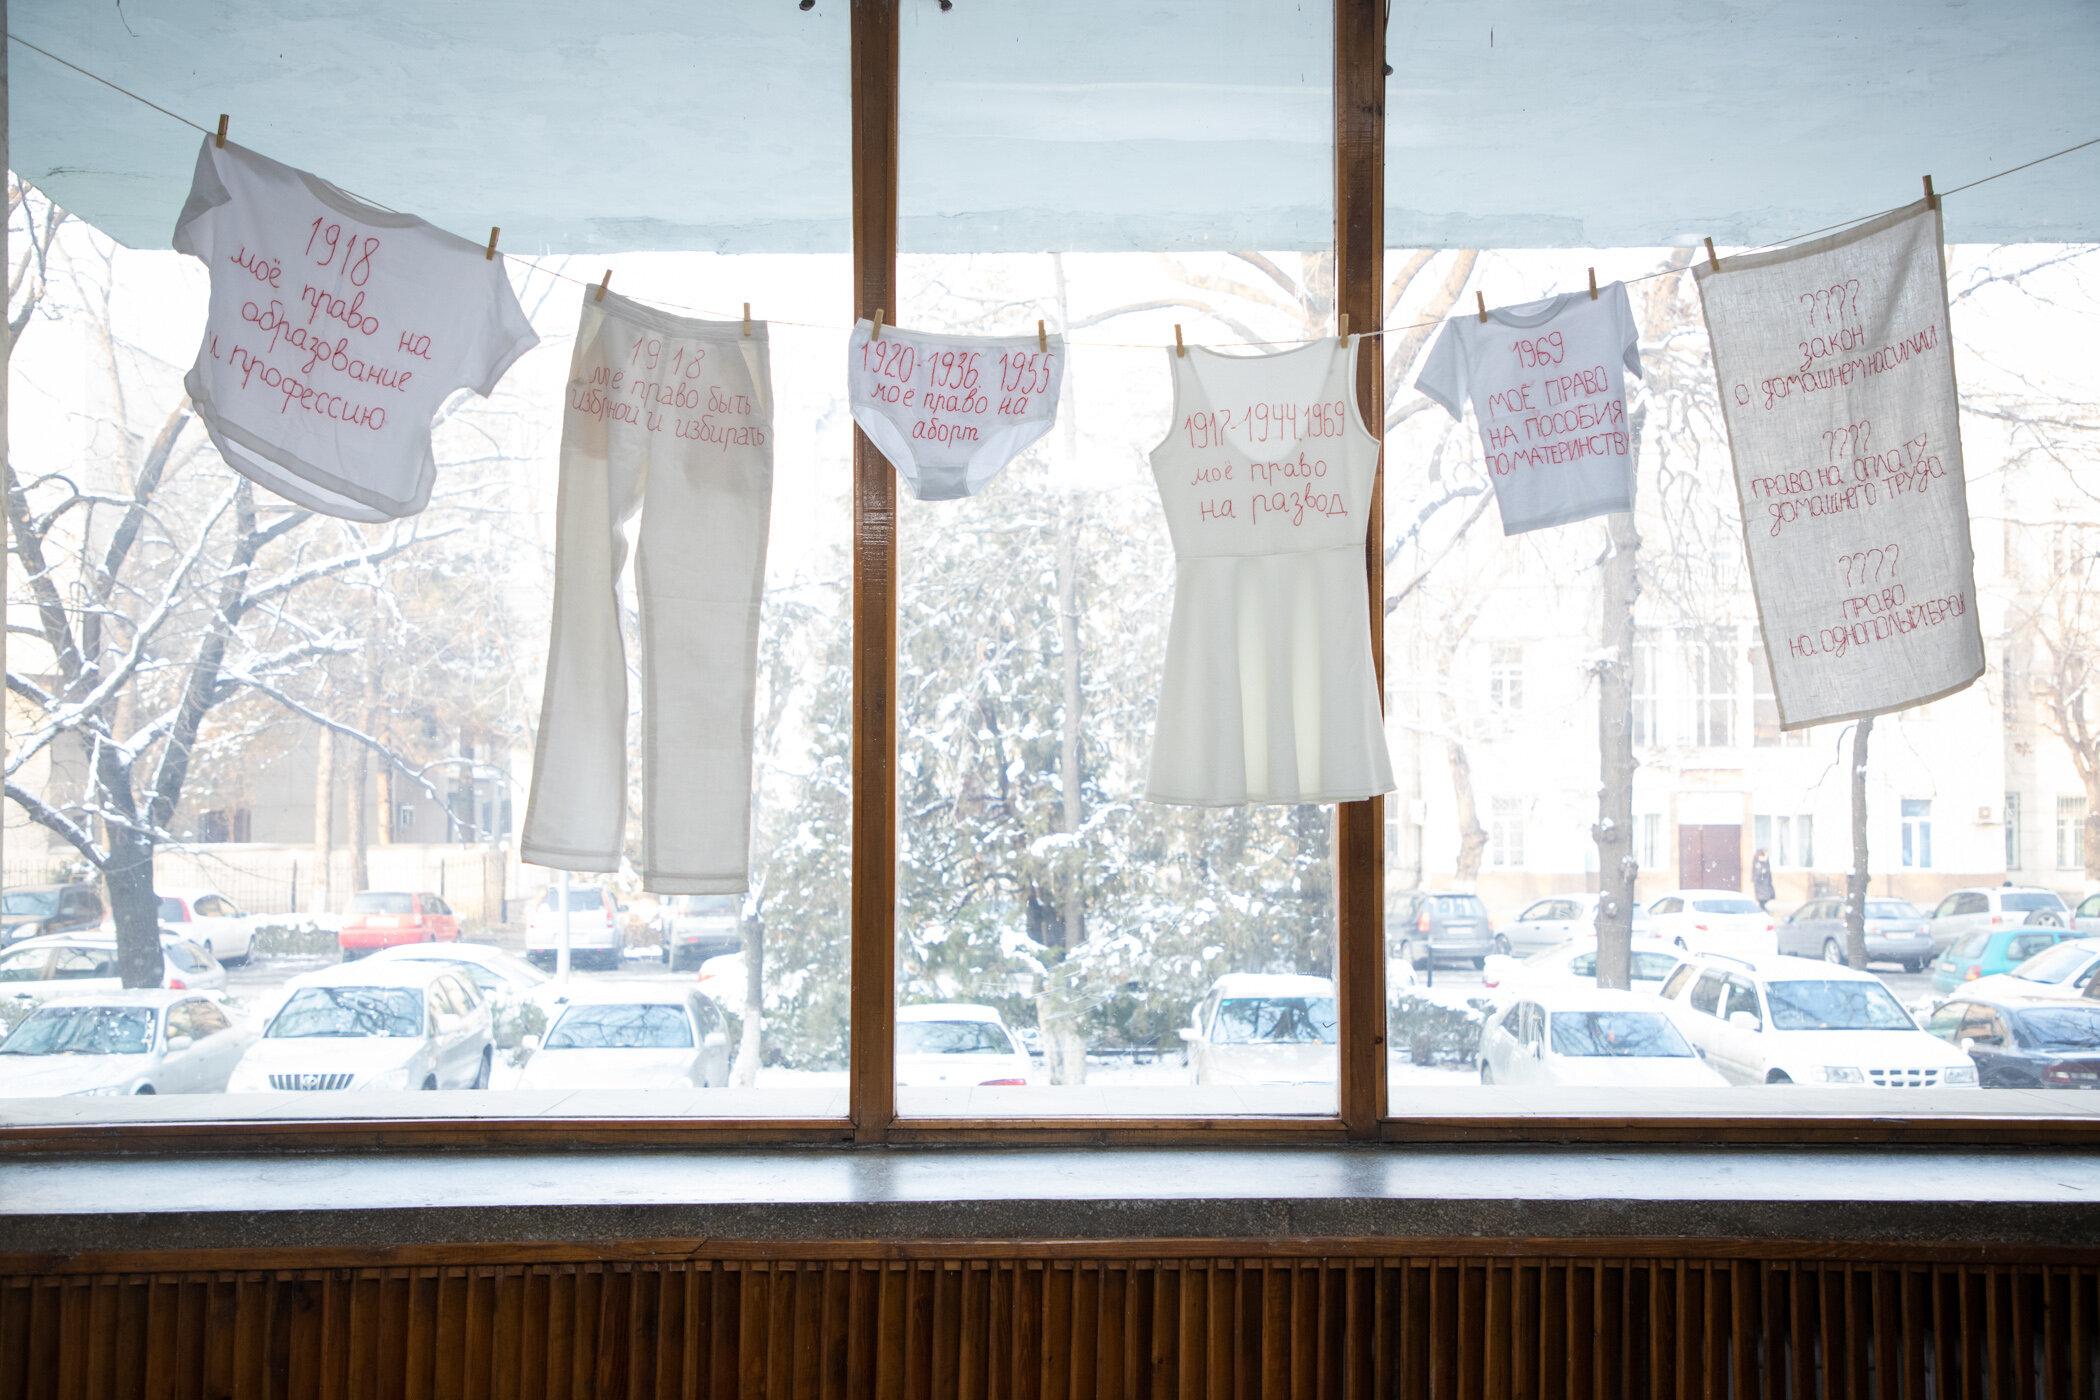 «Зі святом! Усіх прав!», Анастасія Макаренко, творче об'єднання «Надєнька», Росія.  Роботу було цензуровано